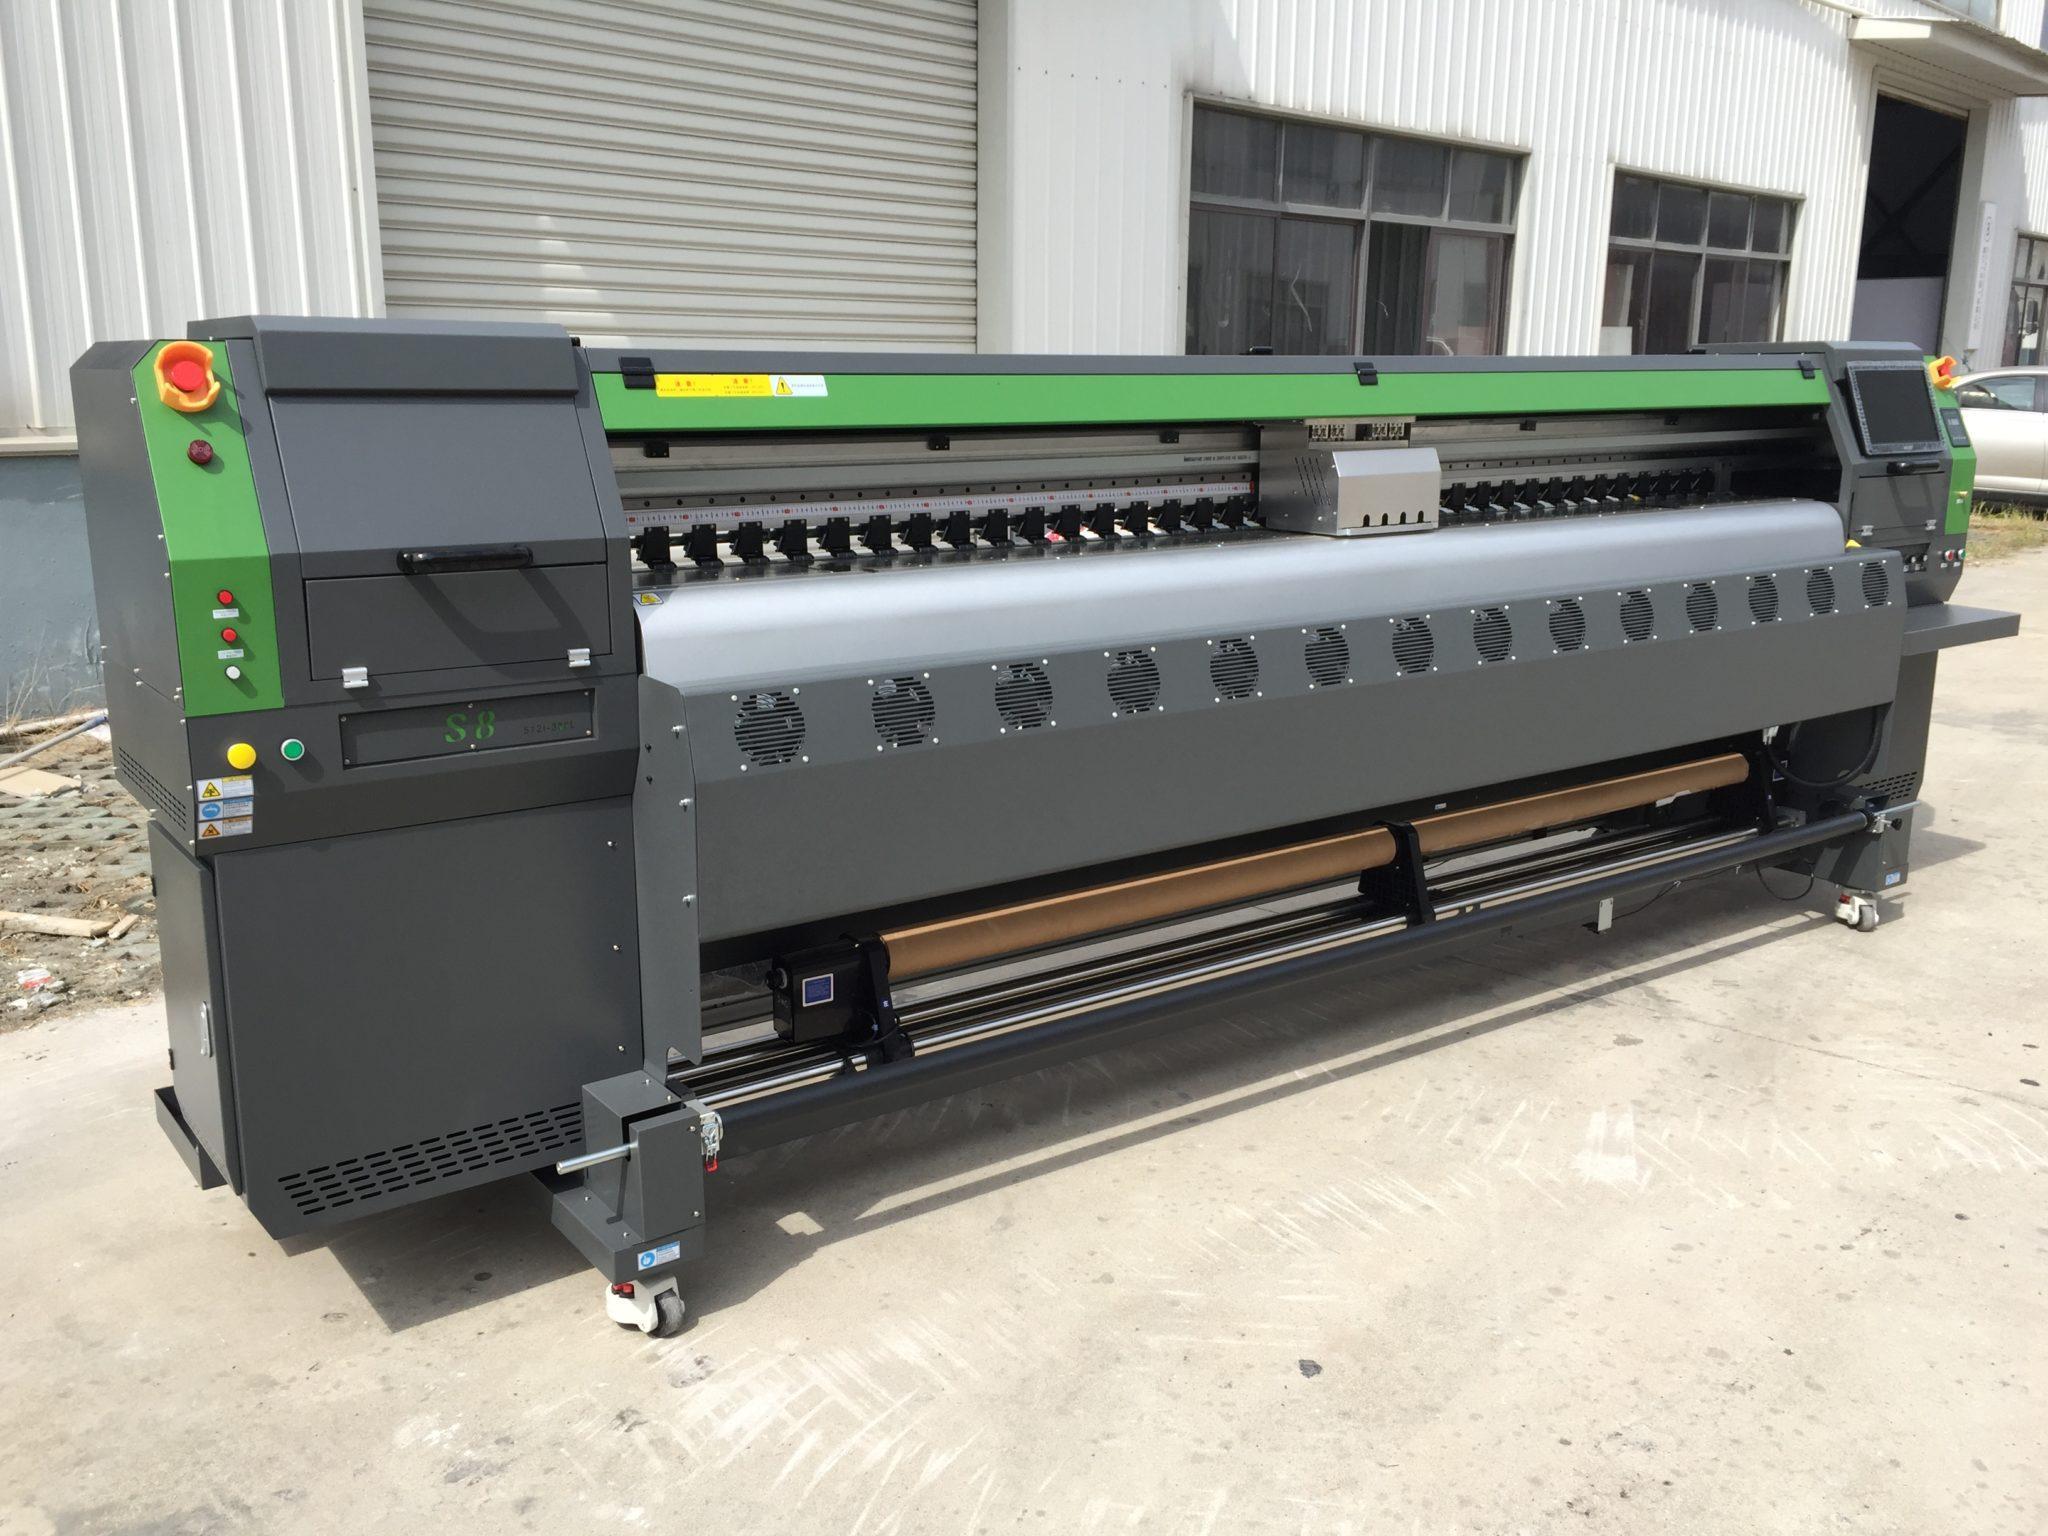 Принтер для широкоформатной печати. Плоттер